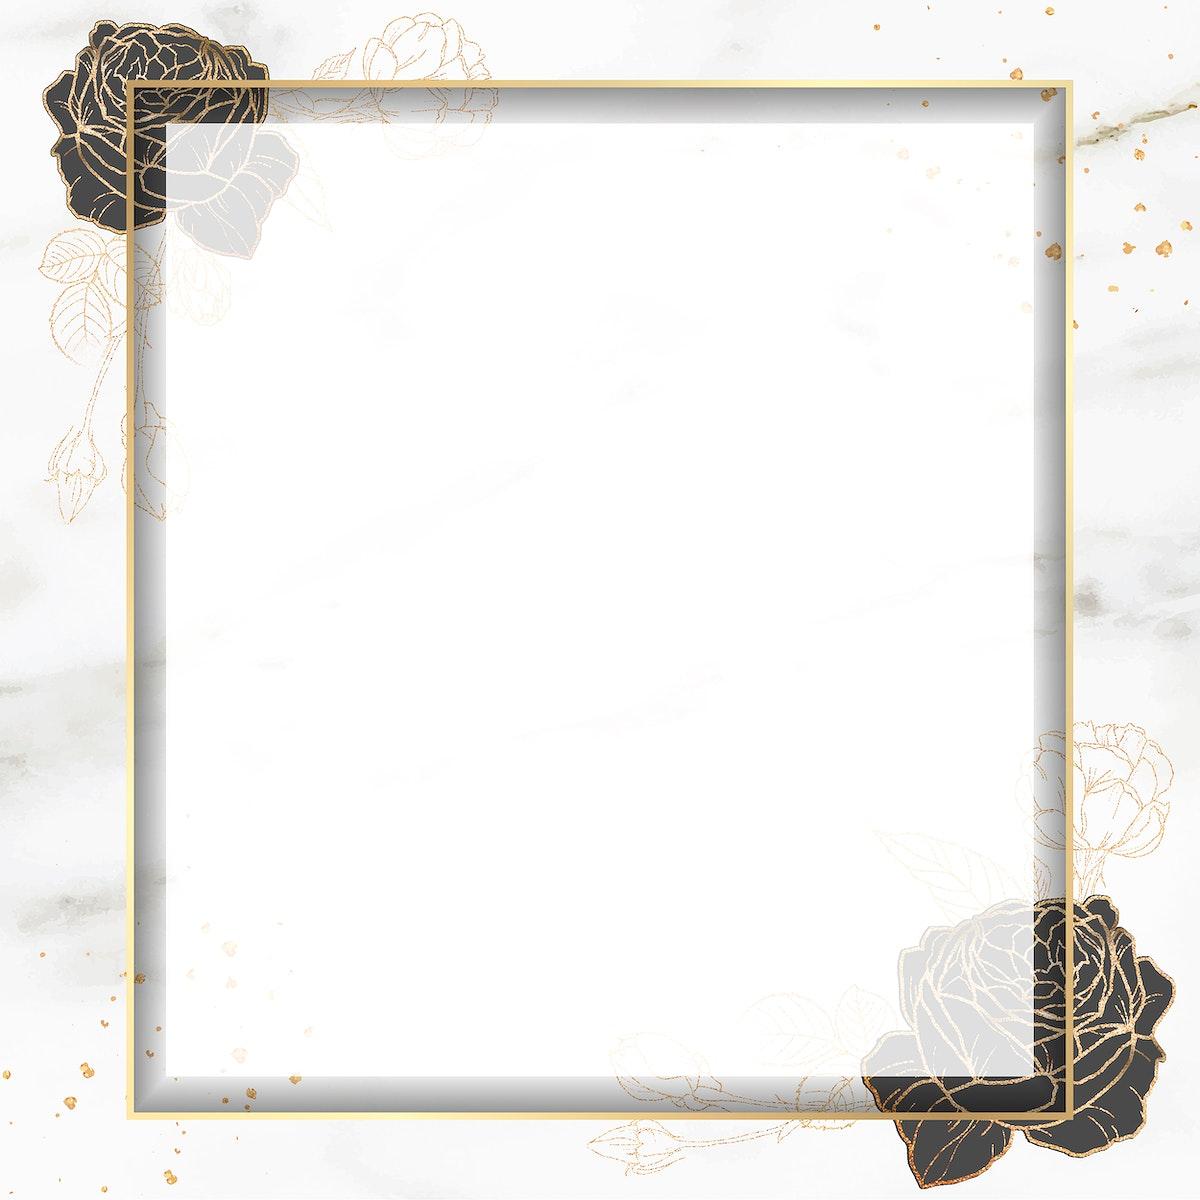 Blank golden square frame vector